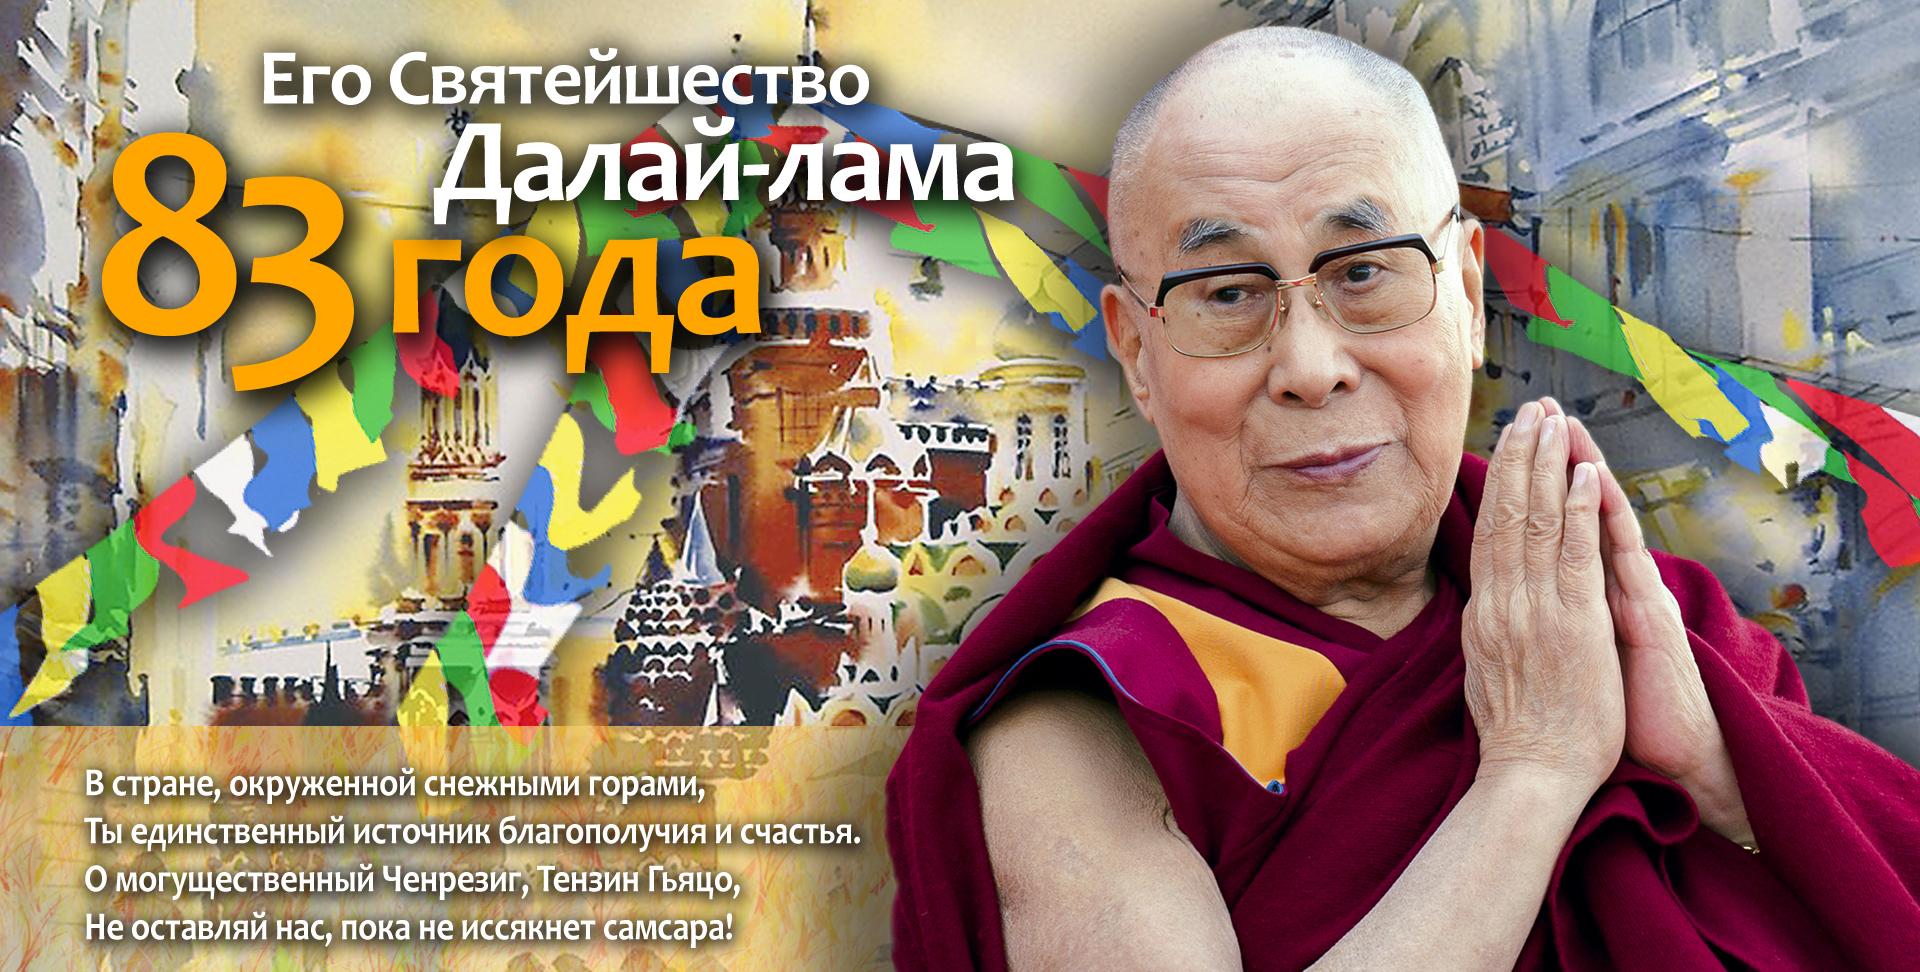 Видео. Торжественный вечер в Москве в честь 83-го дня рождения Далай-ламы